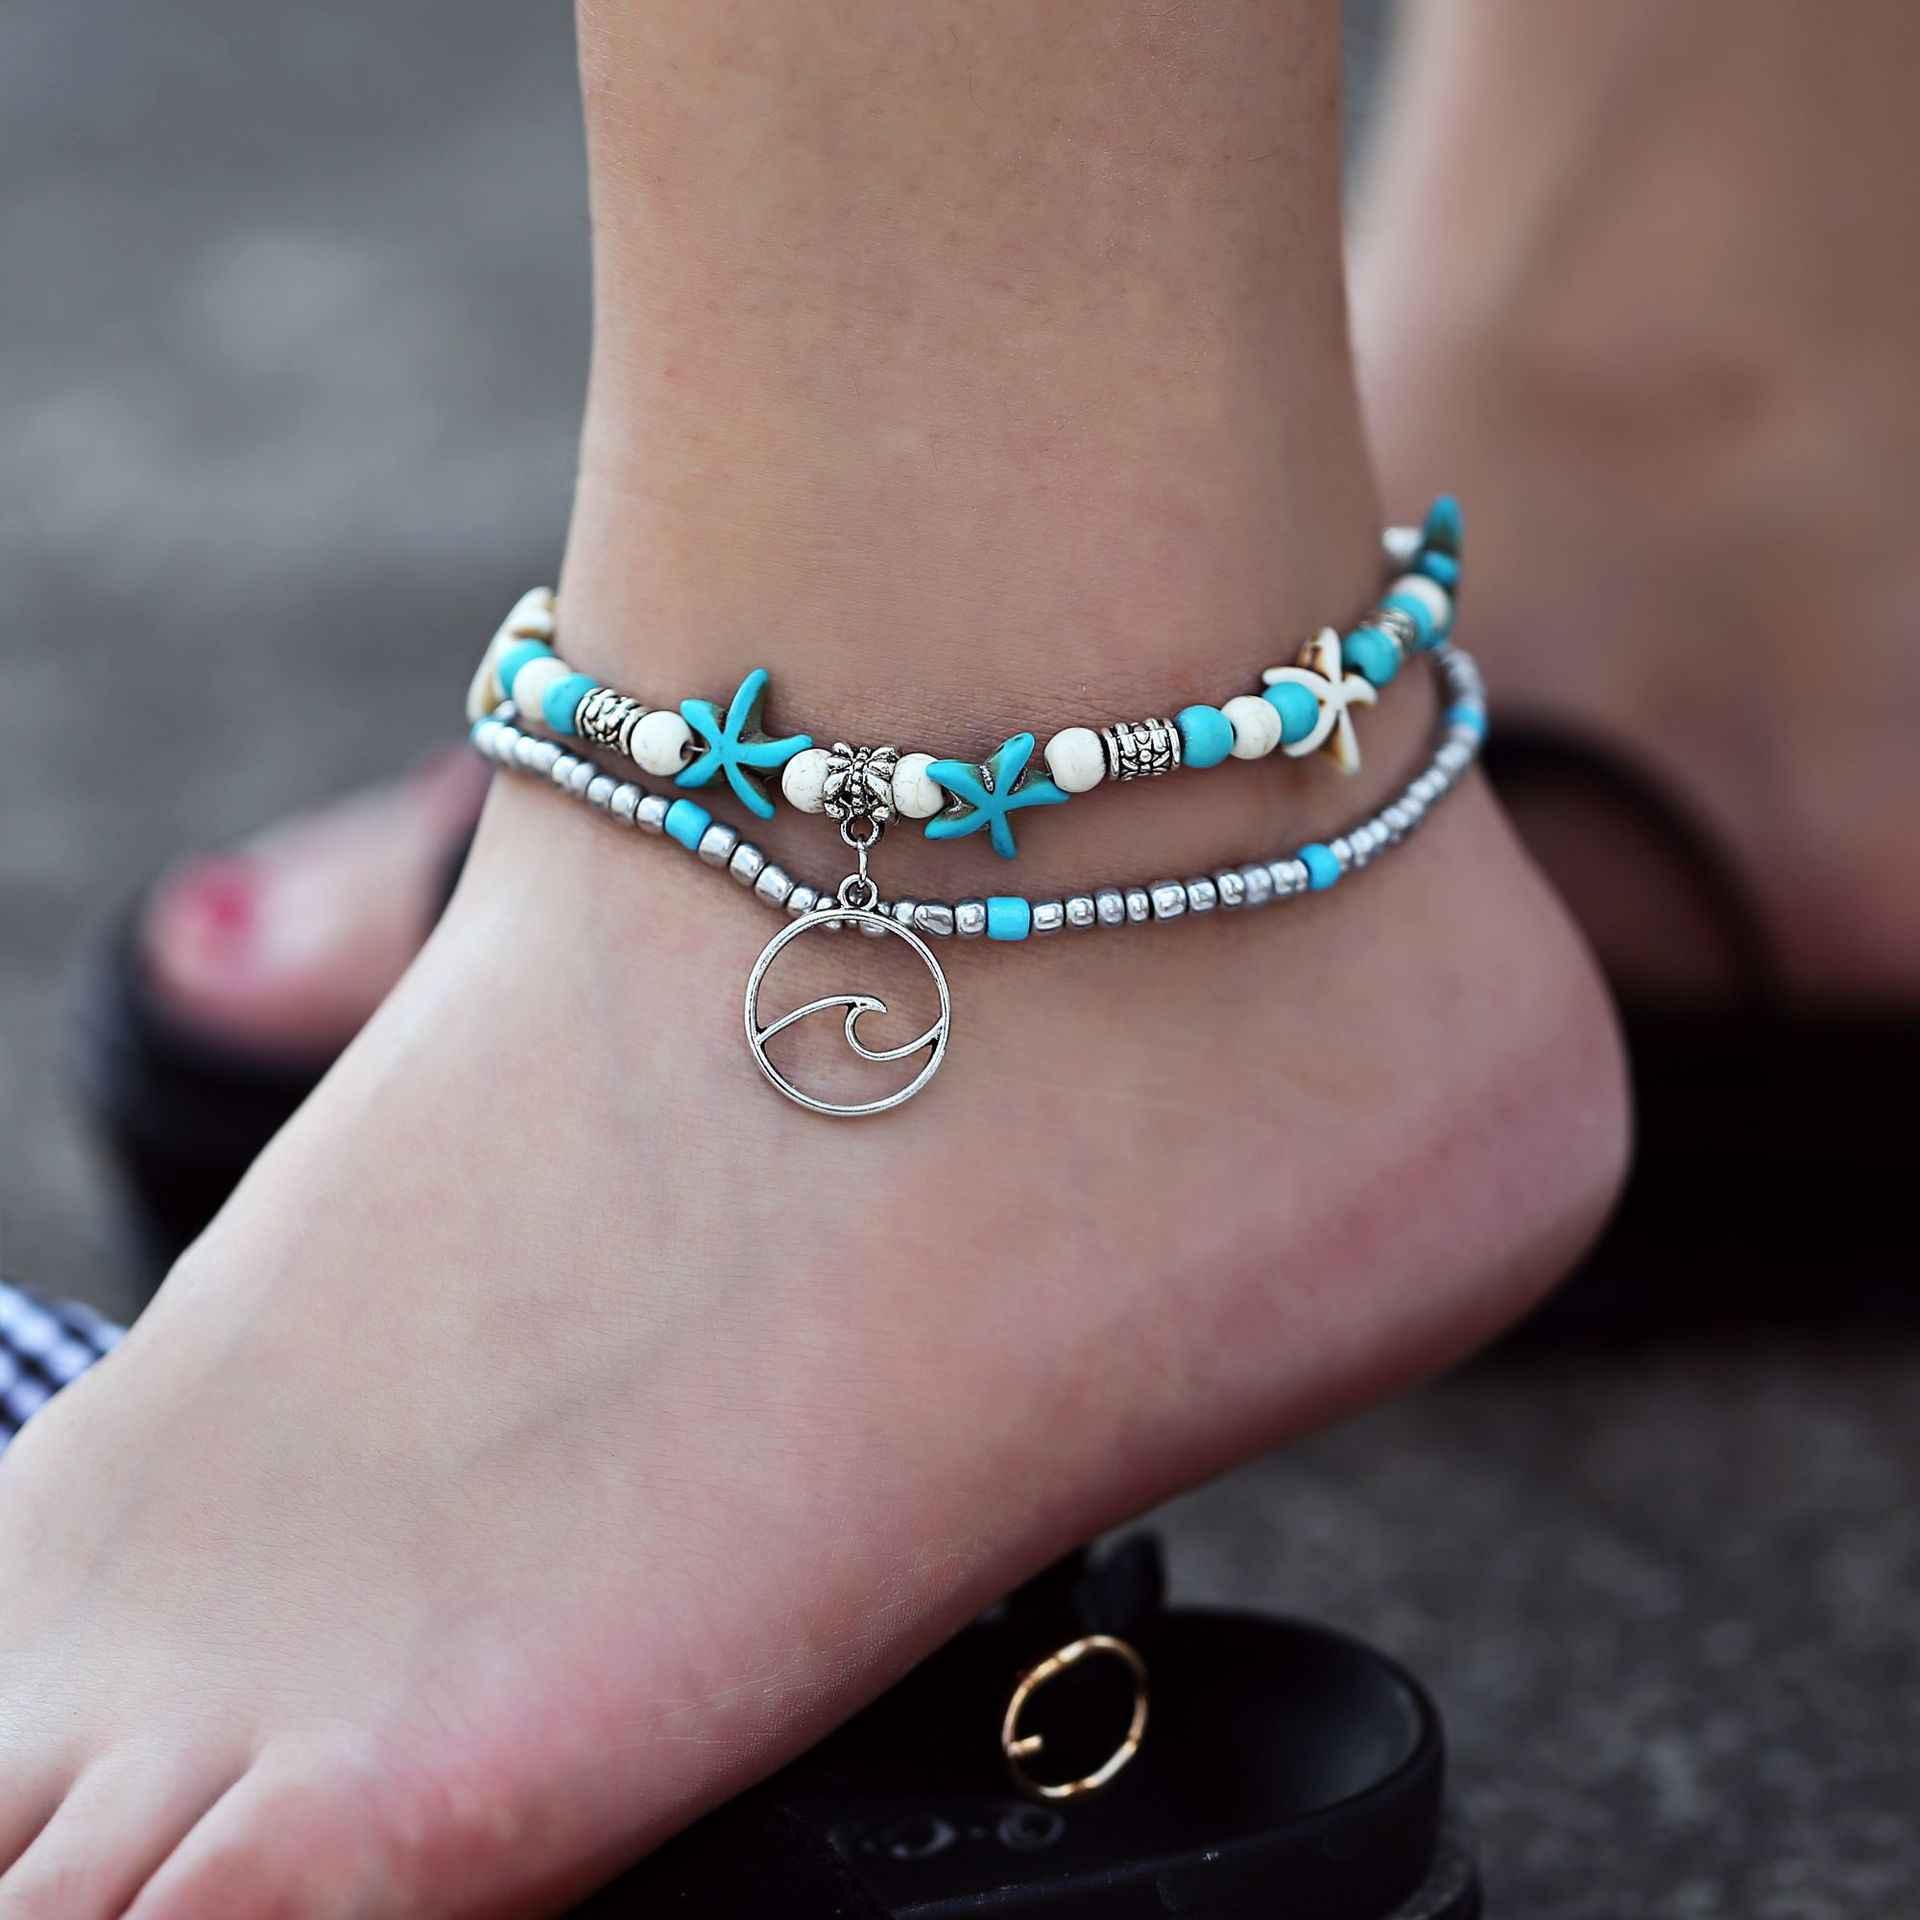 1 Uds. Pentagrama tobillera maquillaje juguete niños joyería accesorios anillo muñeca bebé regalo belleza moda juguete maquillaje chico